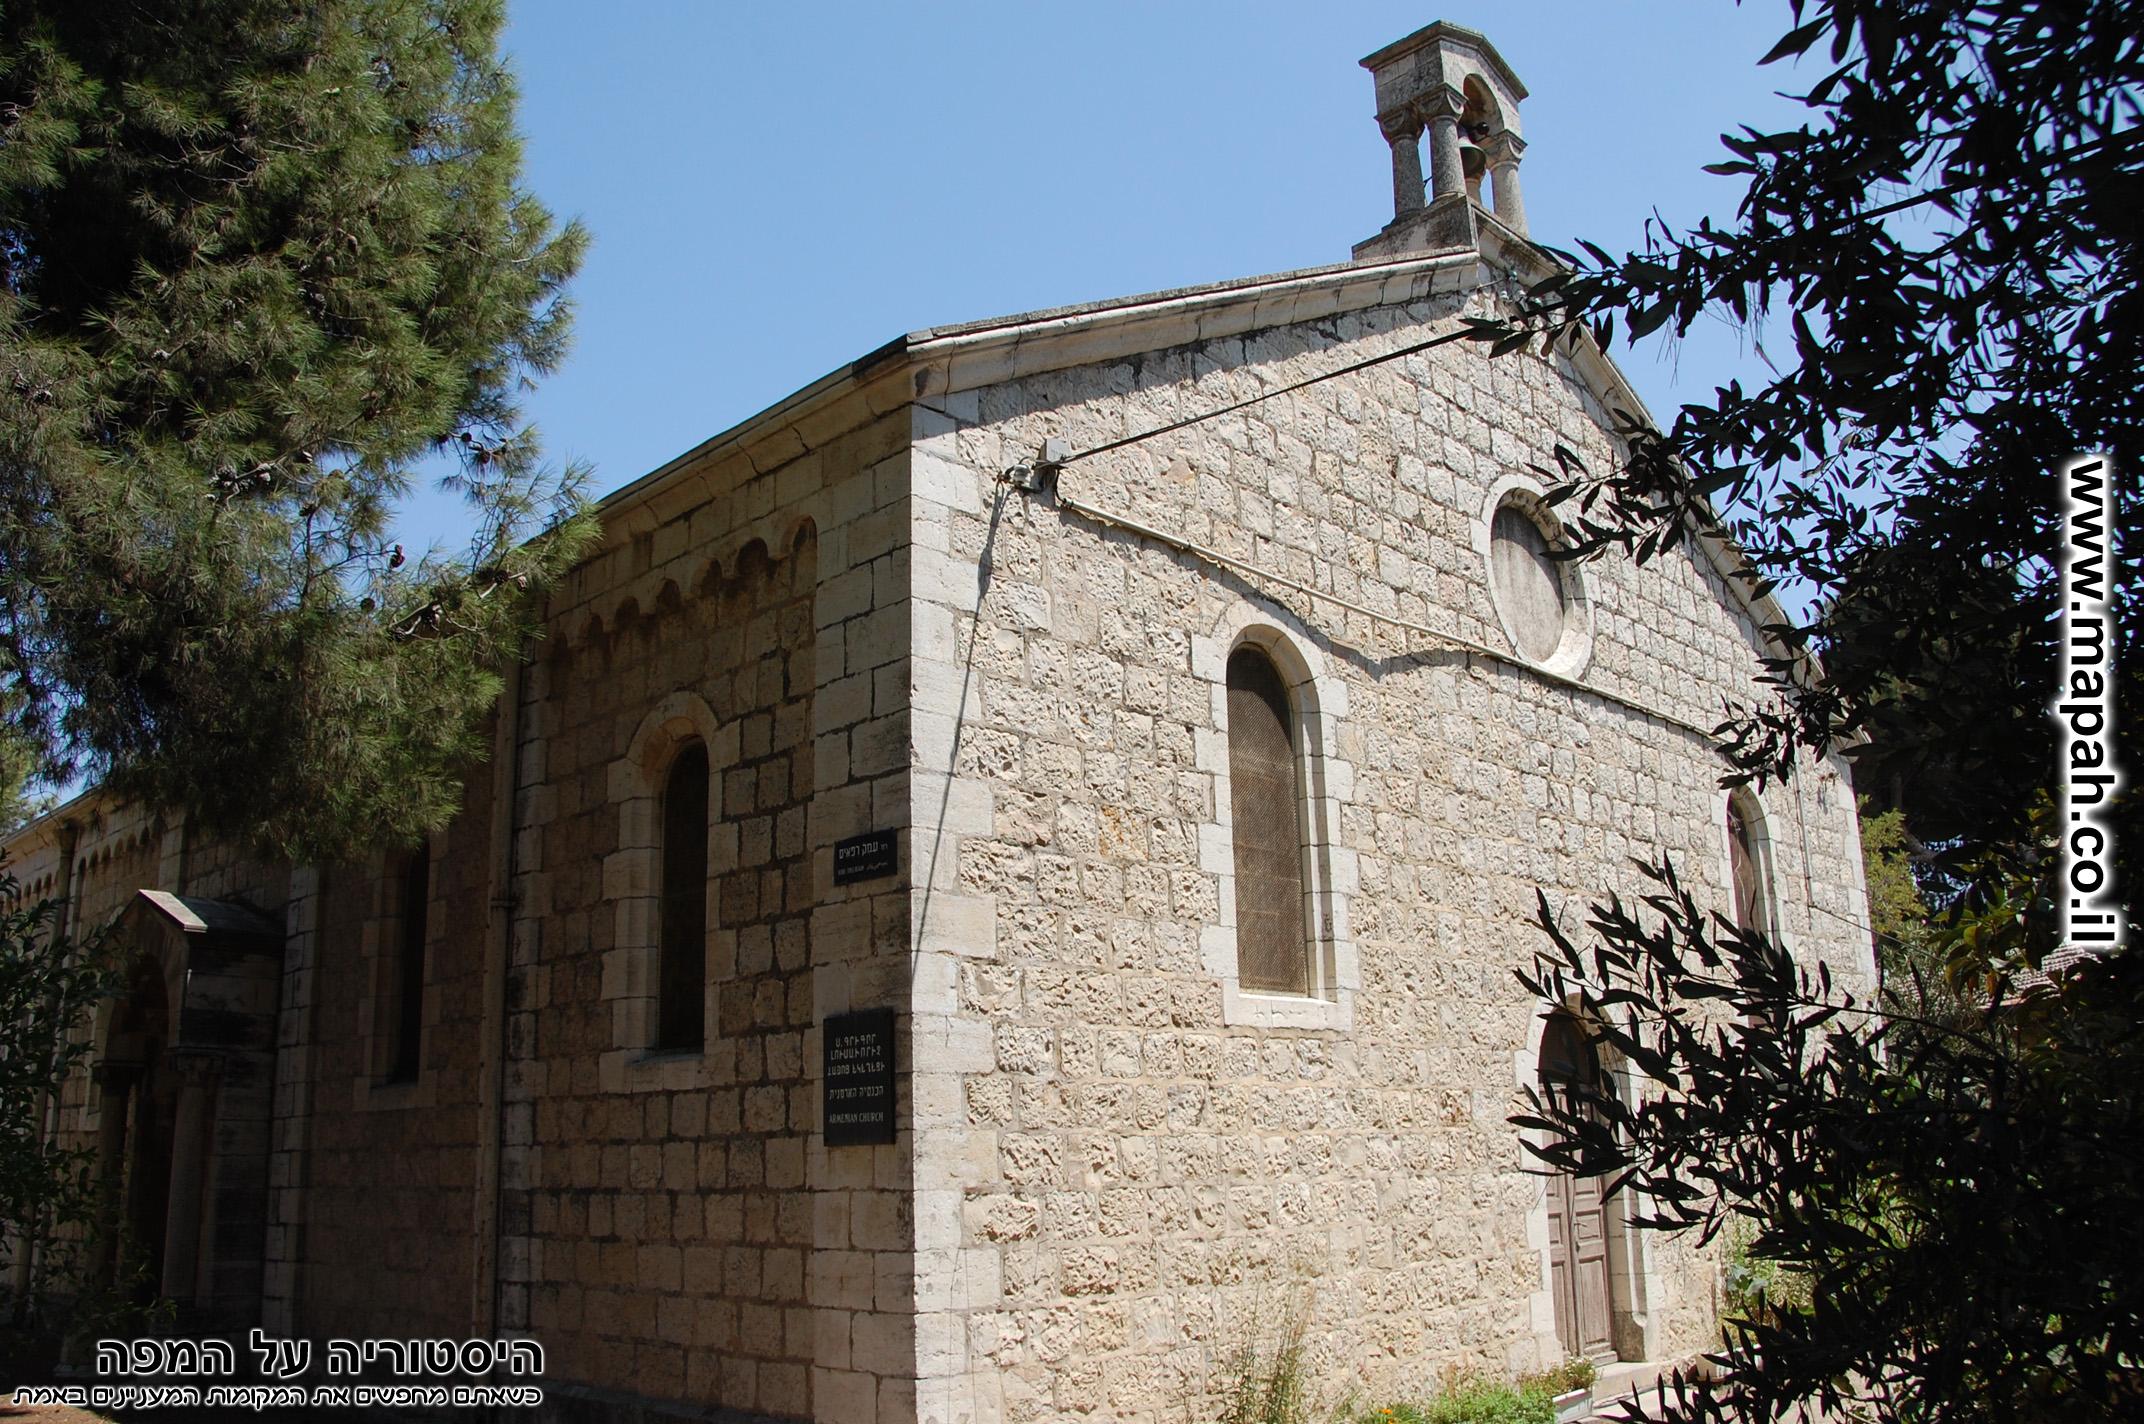 בית העם הטמפלרי / הכנסיה הארמנית עמק רפאים ירושלים - צילום: אפי אליאן